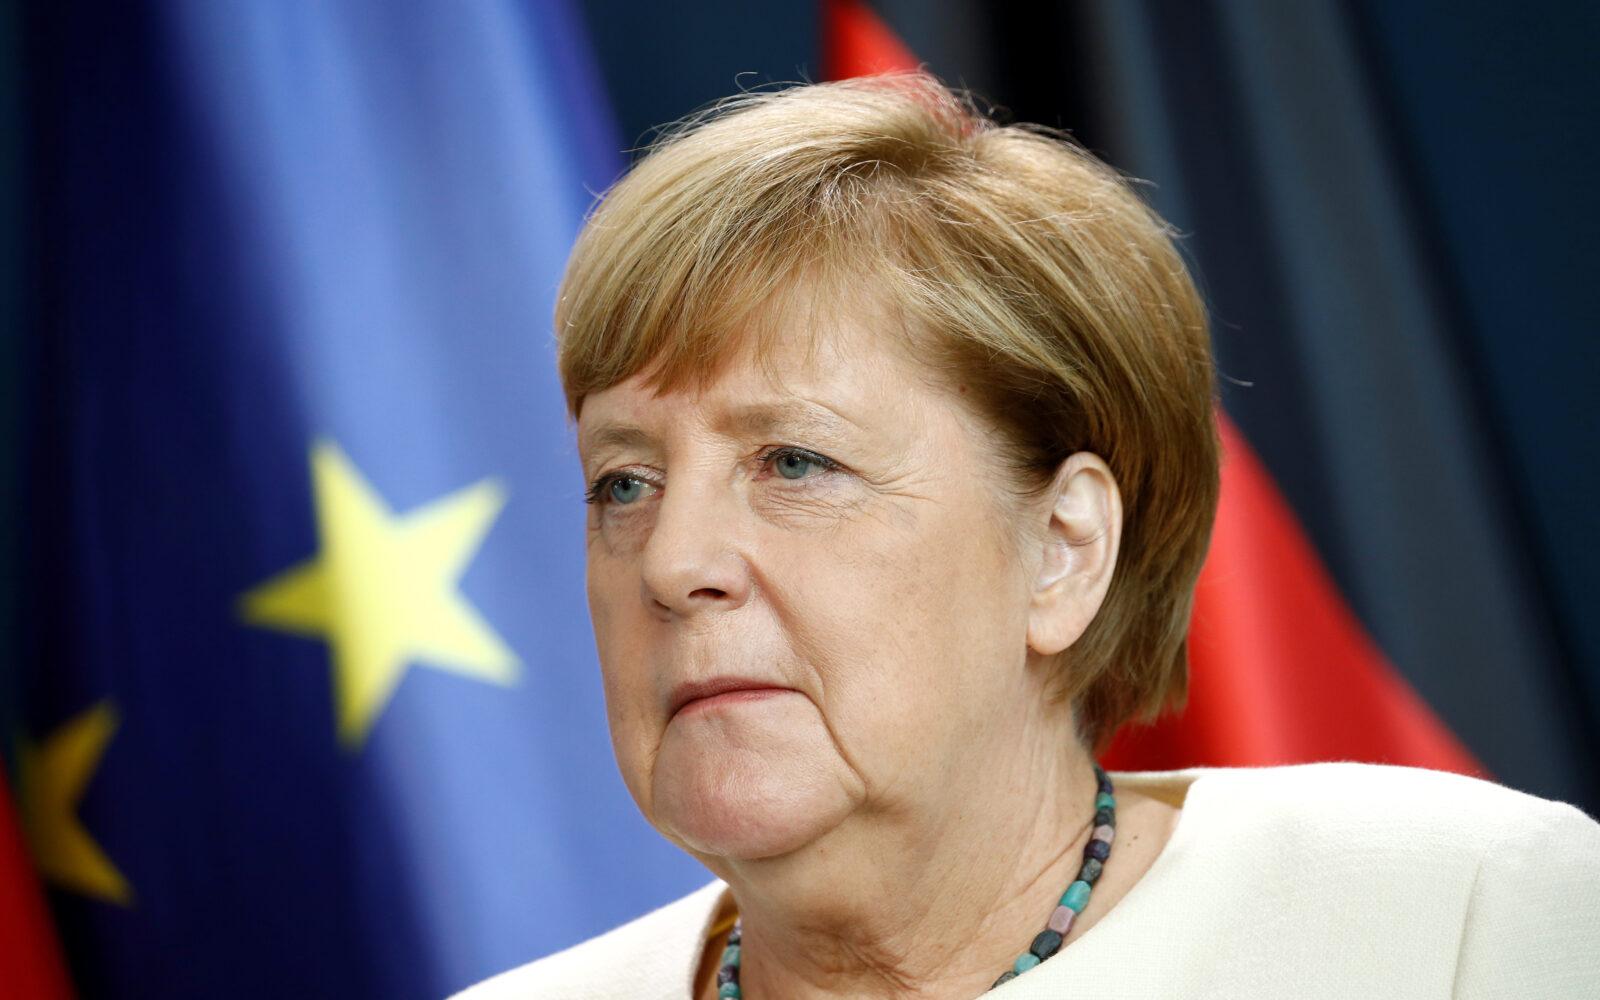 Angela Merkel: Sramota je i ispunjava me sramom kada vidim ovo u Njemačkoj  - Poslovni dnevnik